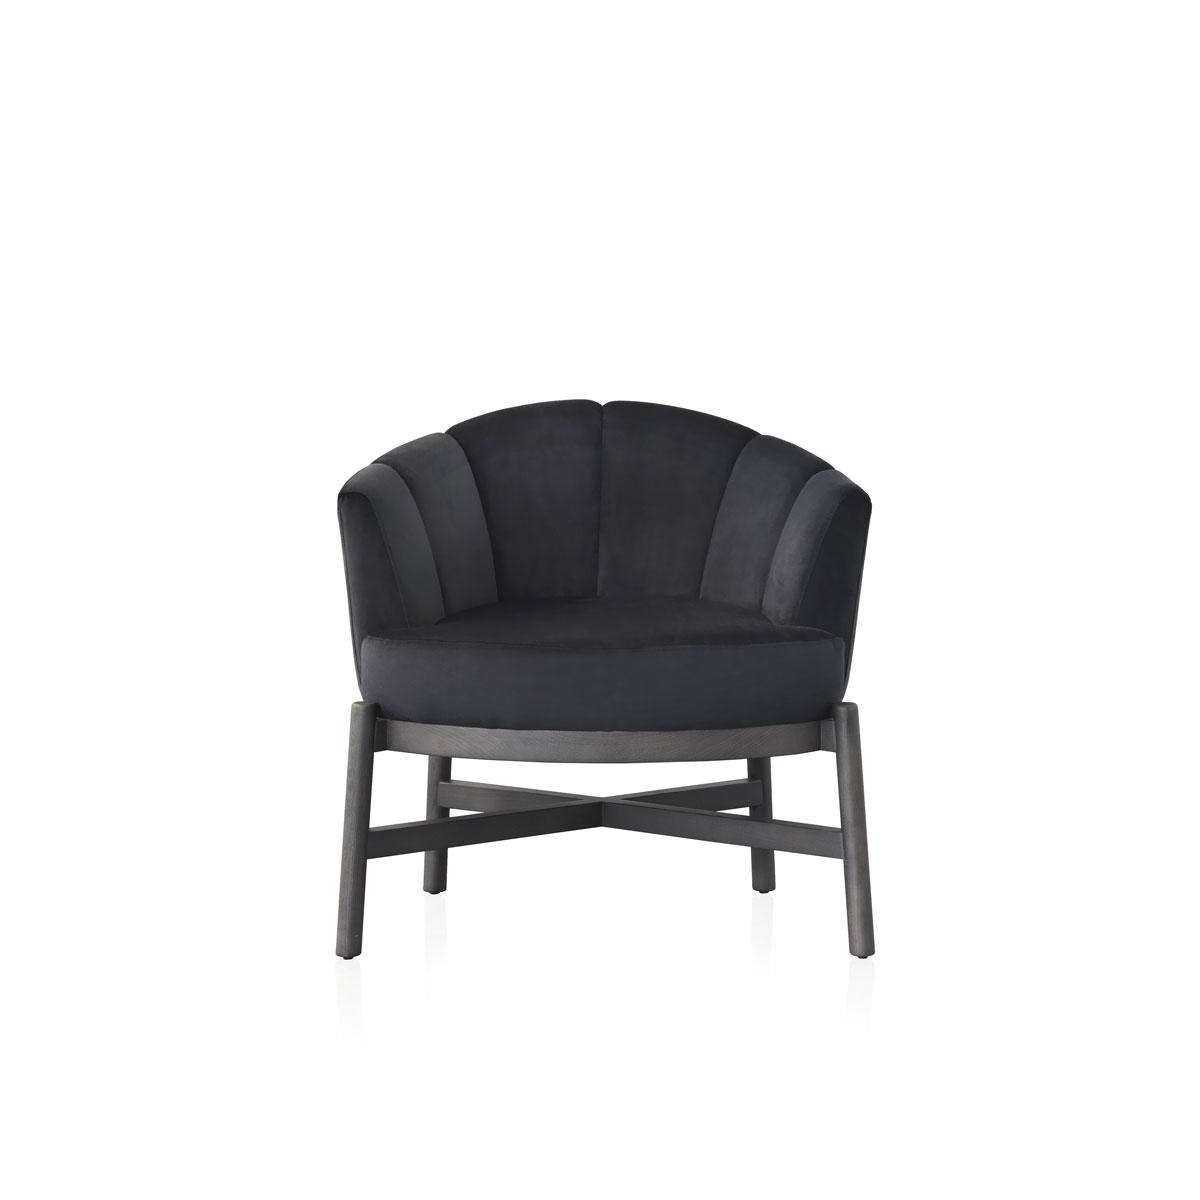 Modernūs minkšti svetainės baldai krėsliukas Flower 4